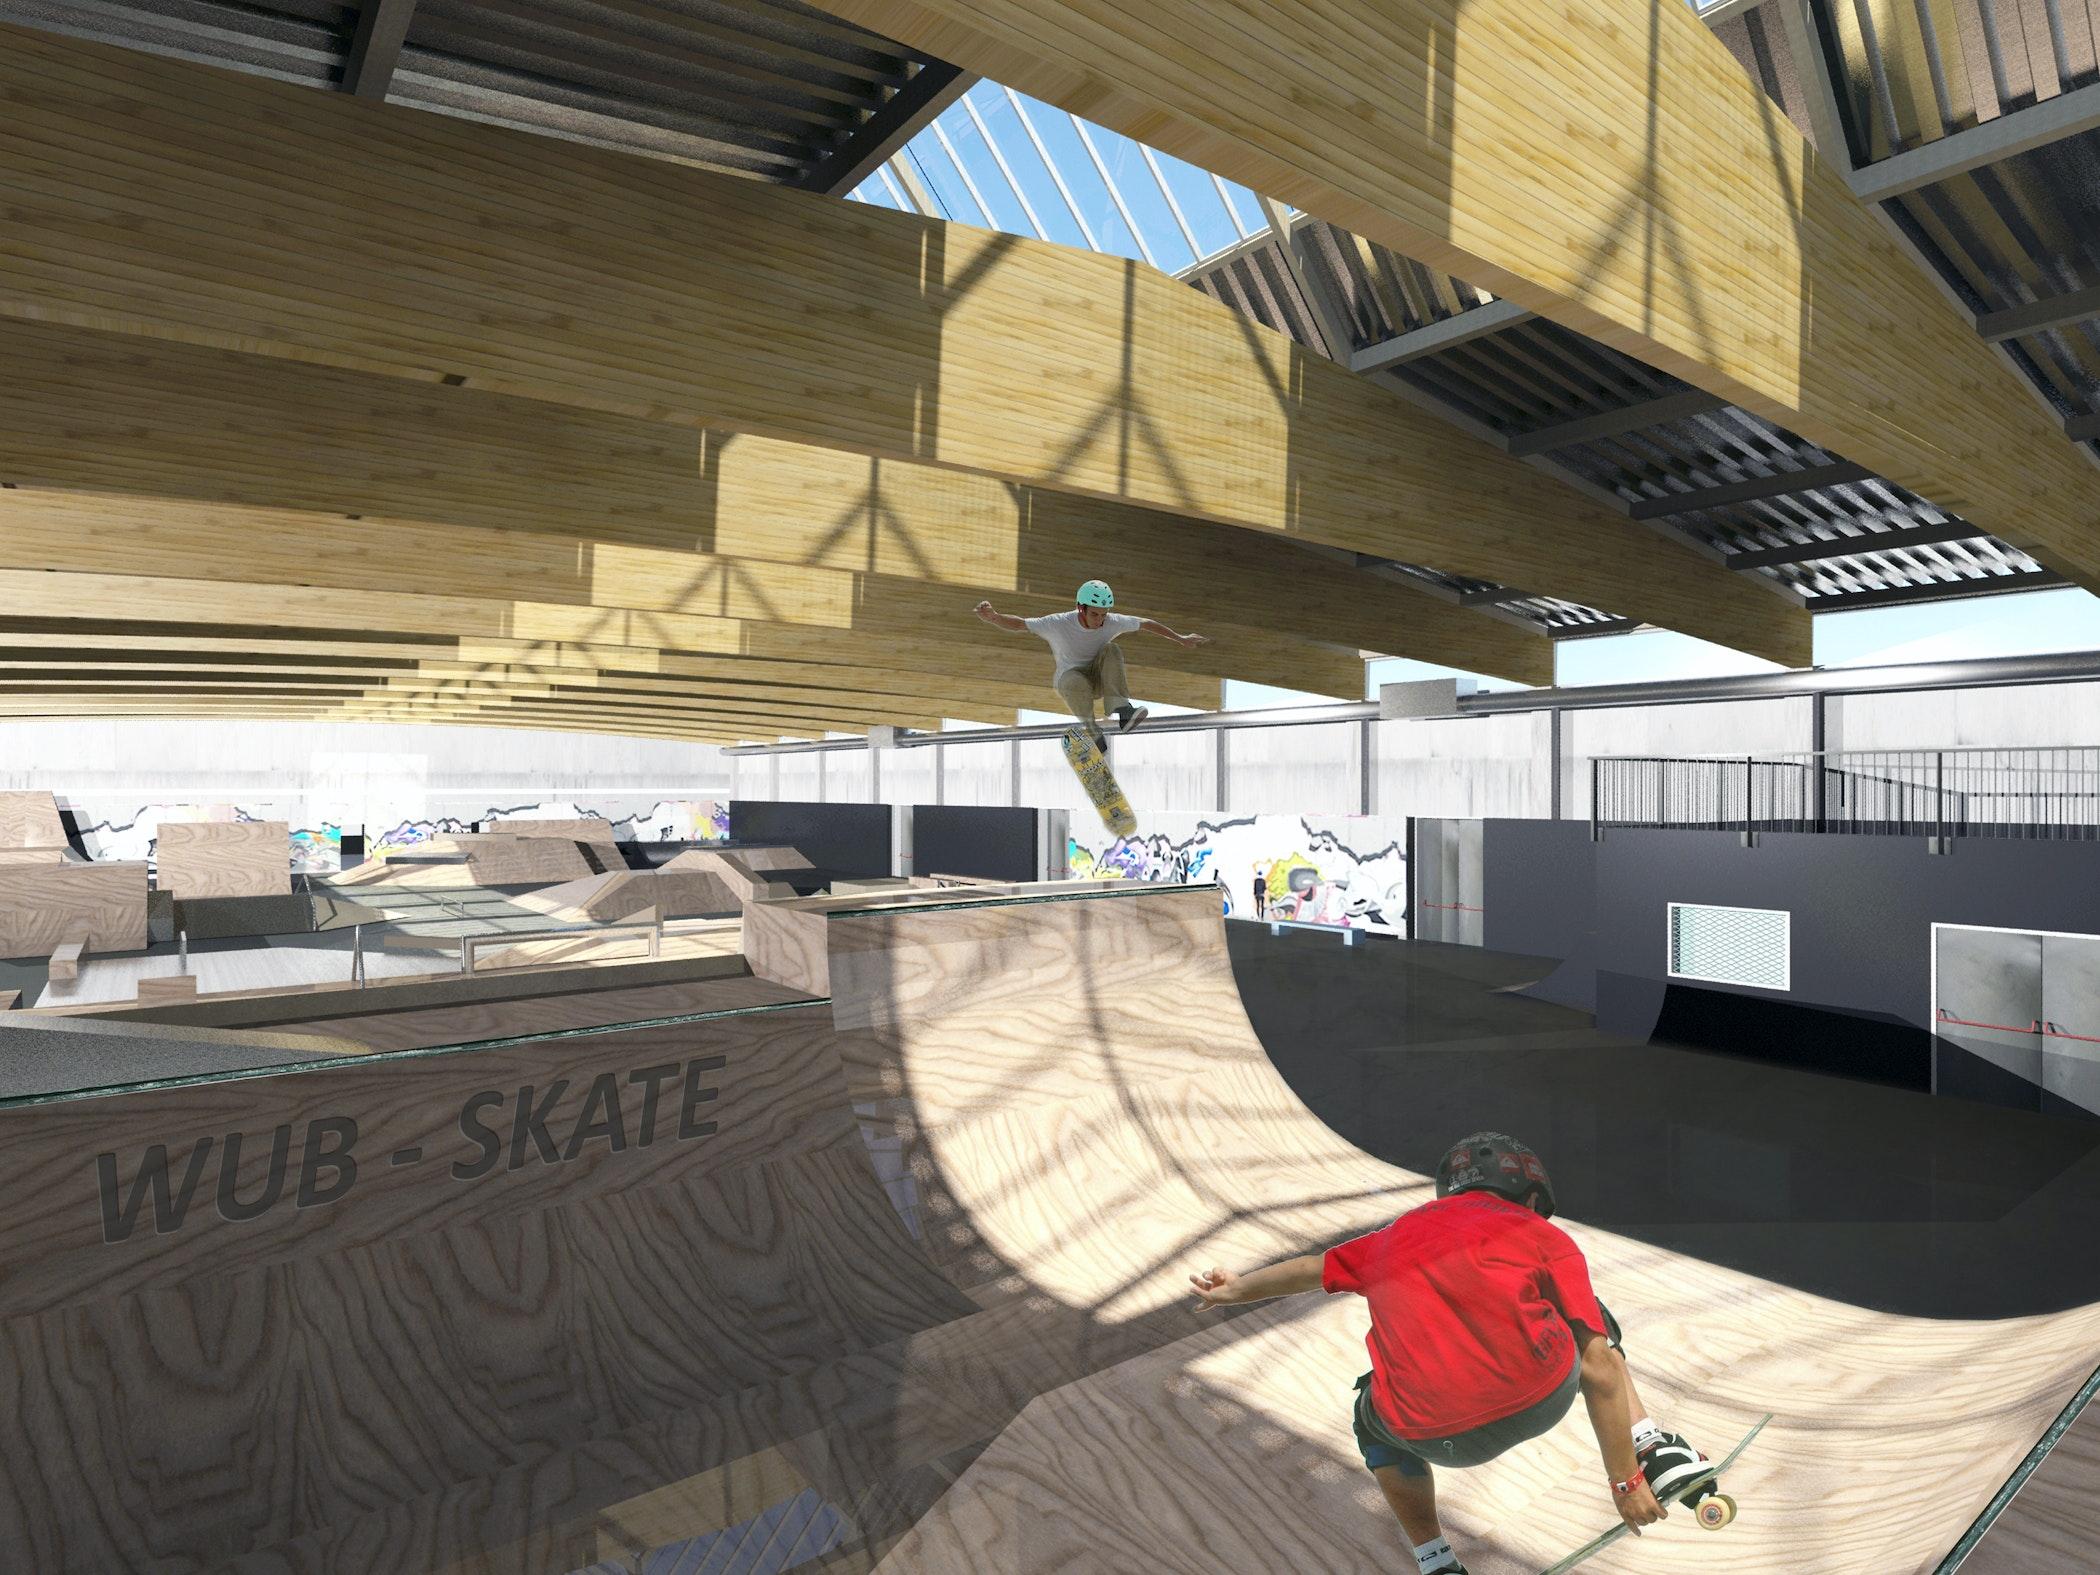 Wub Skate